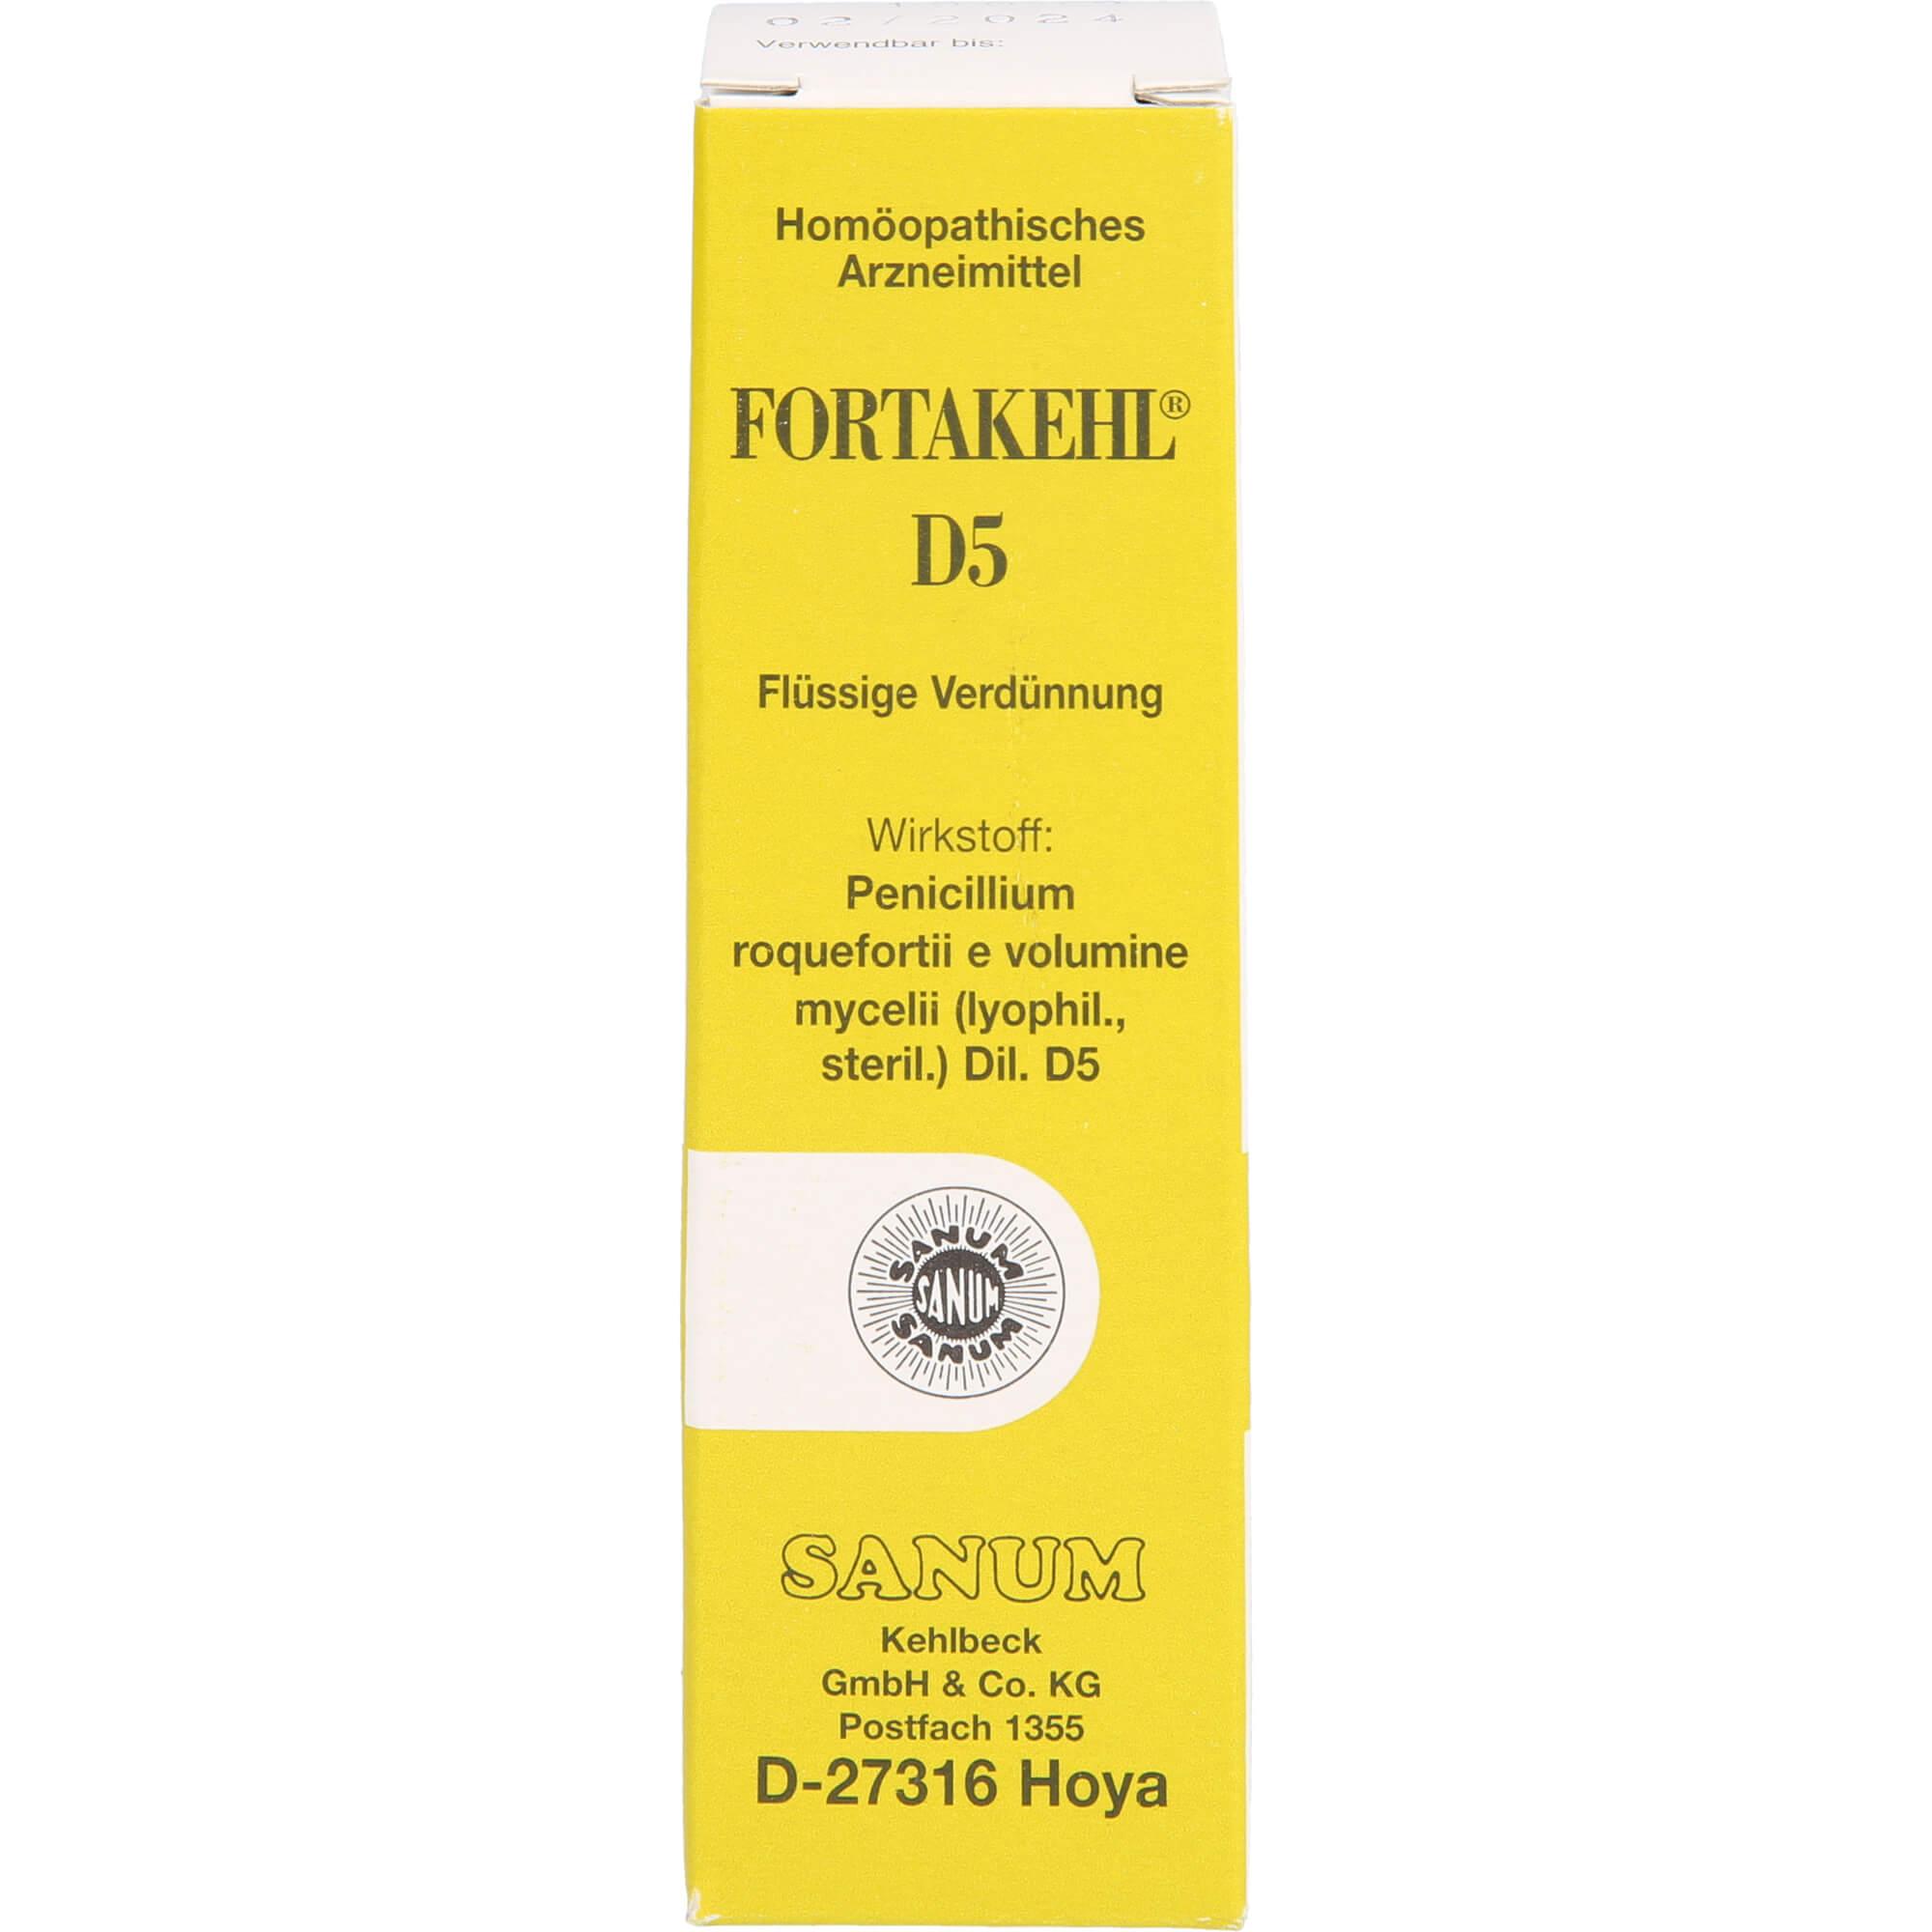 FORTAKEHL-D-5-Tropfen